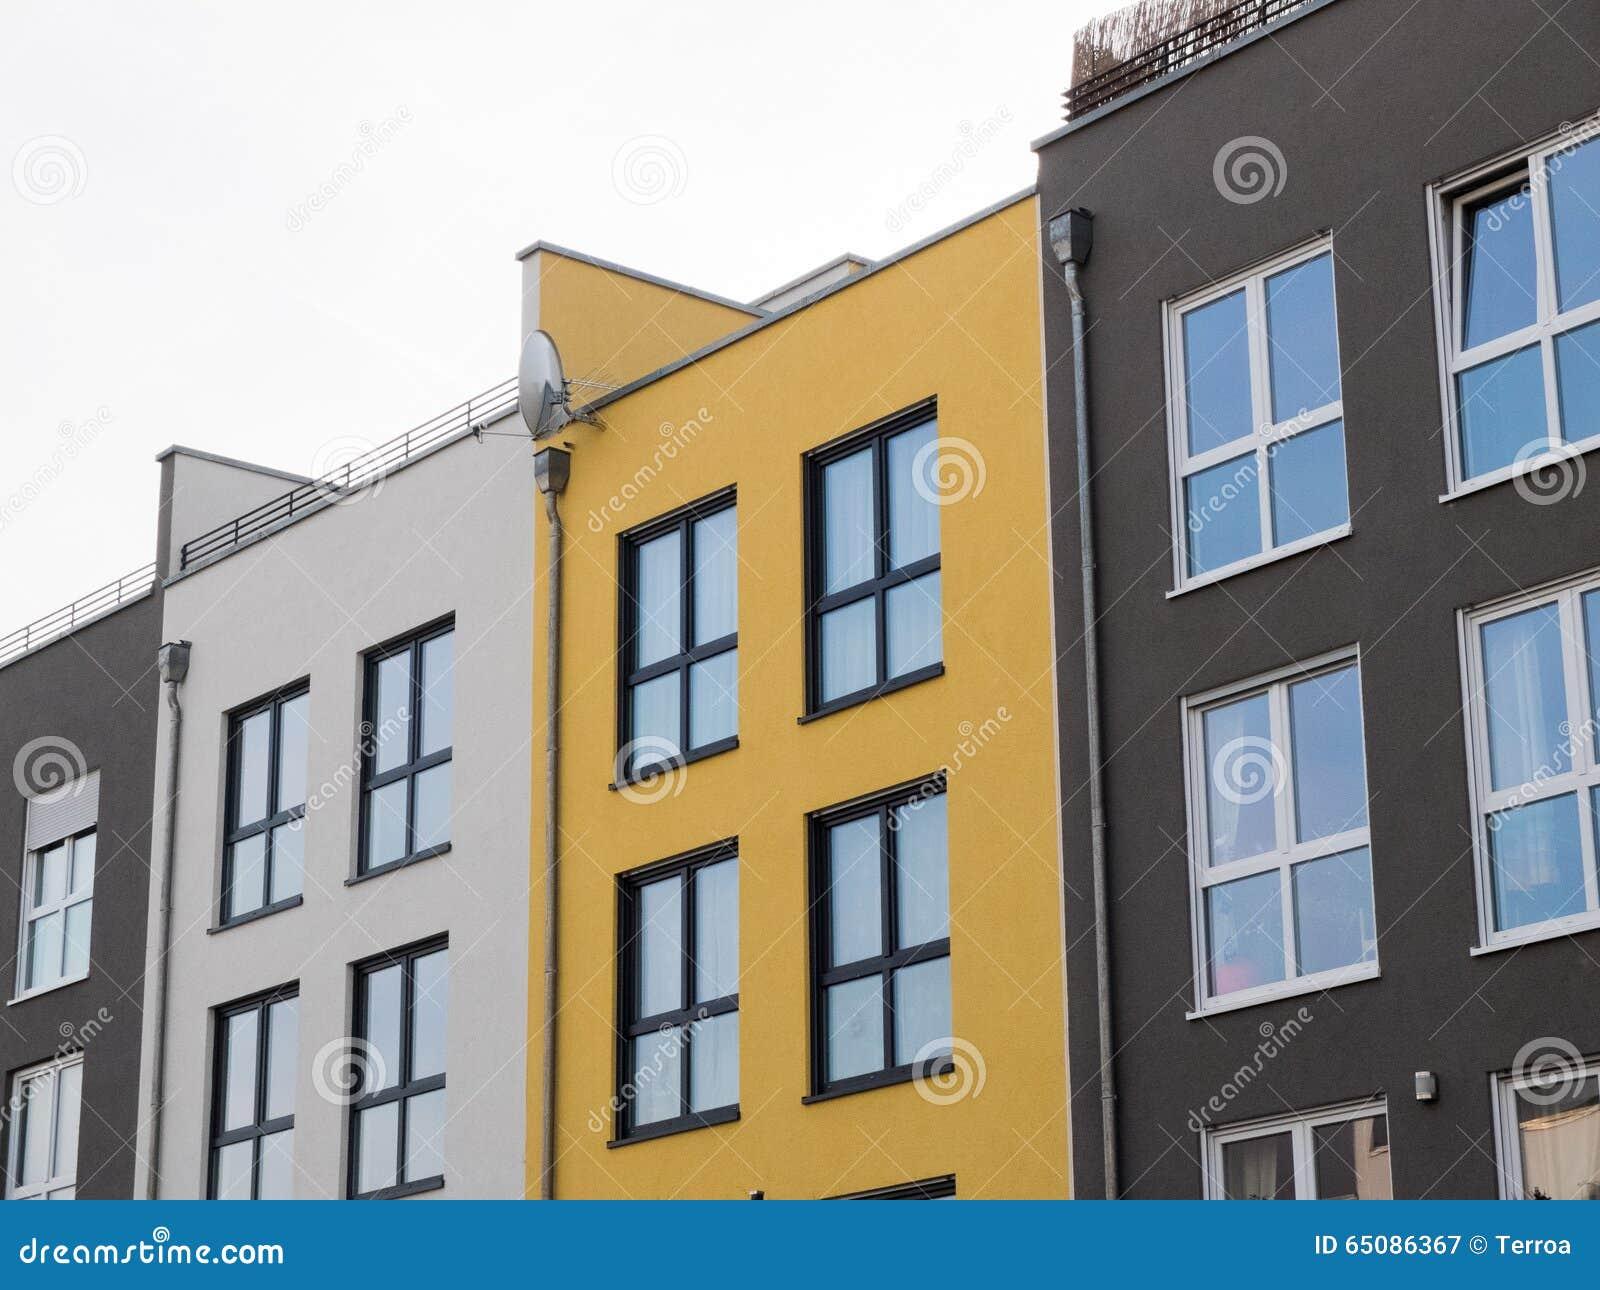 Viviendas modernas modelos de fachadas de viviendas for Viviendas modernas fachadas